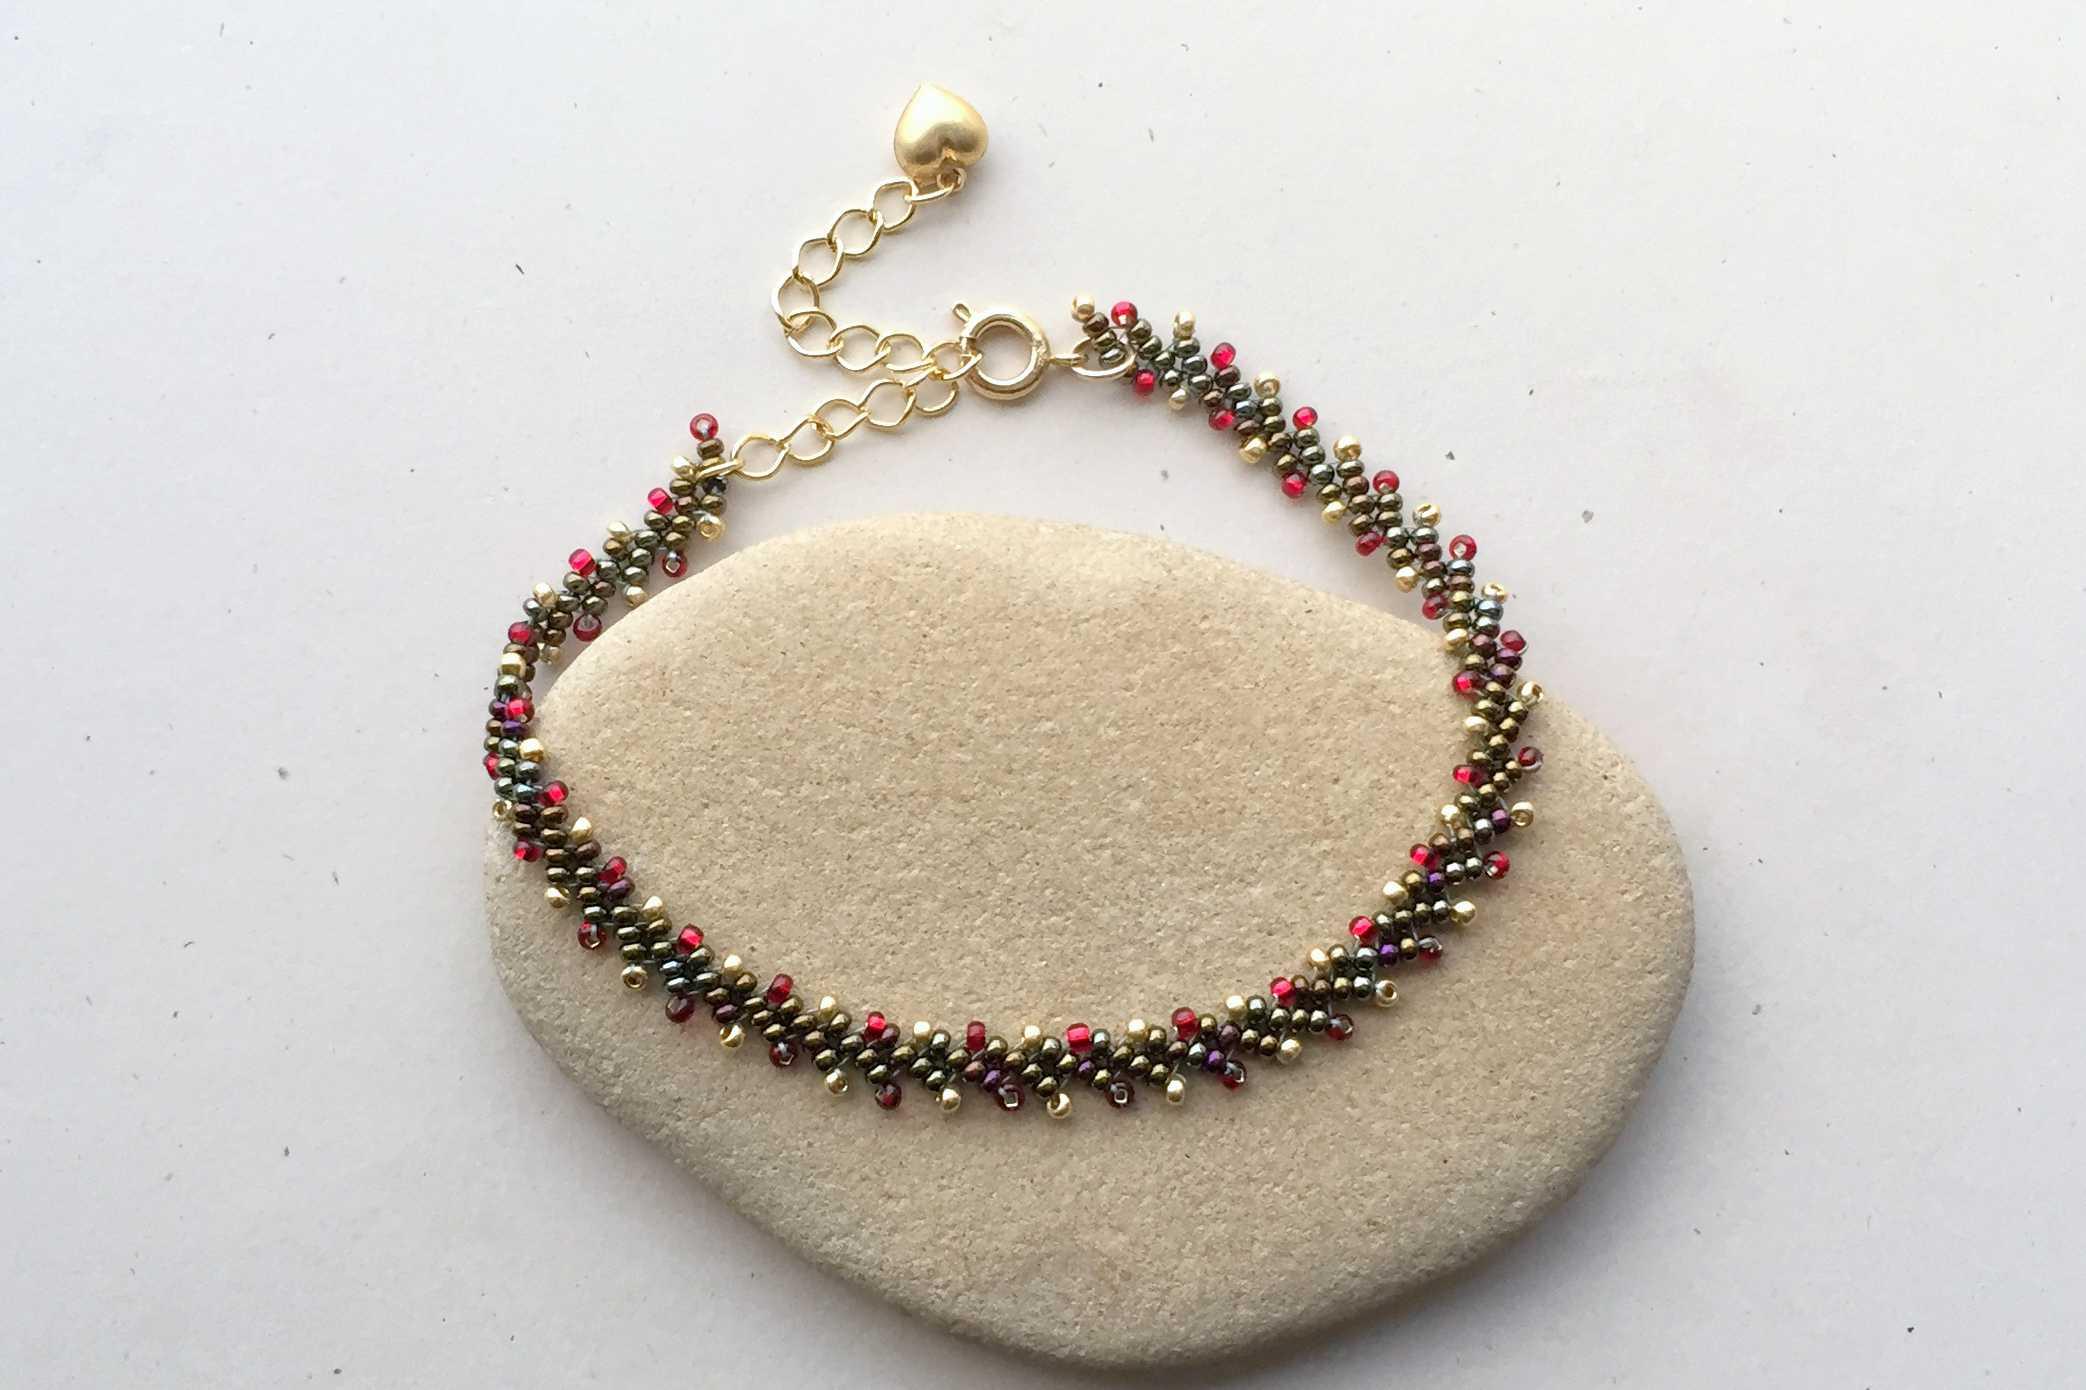 St. Petersburg stitch bracelet chain